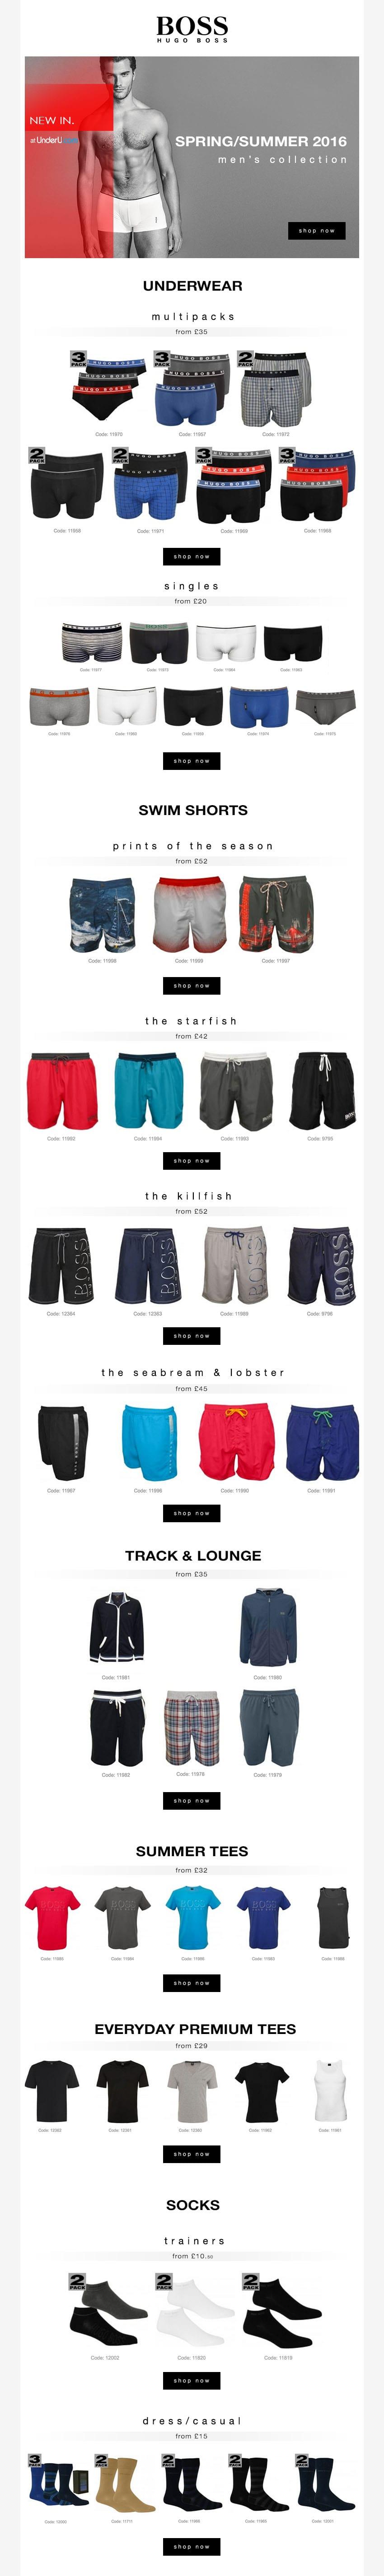 Hugo Boss Underwear & Hugo Boss Swimwear Spring Summer Collection 2016 | UnderU